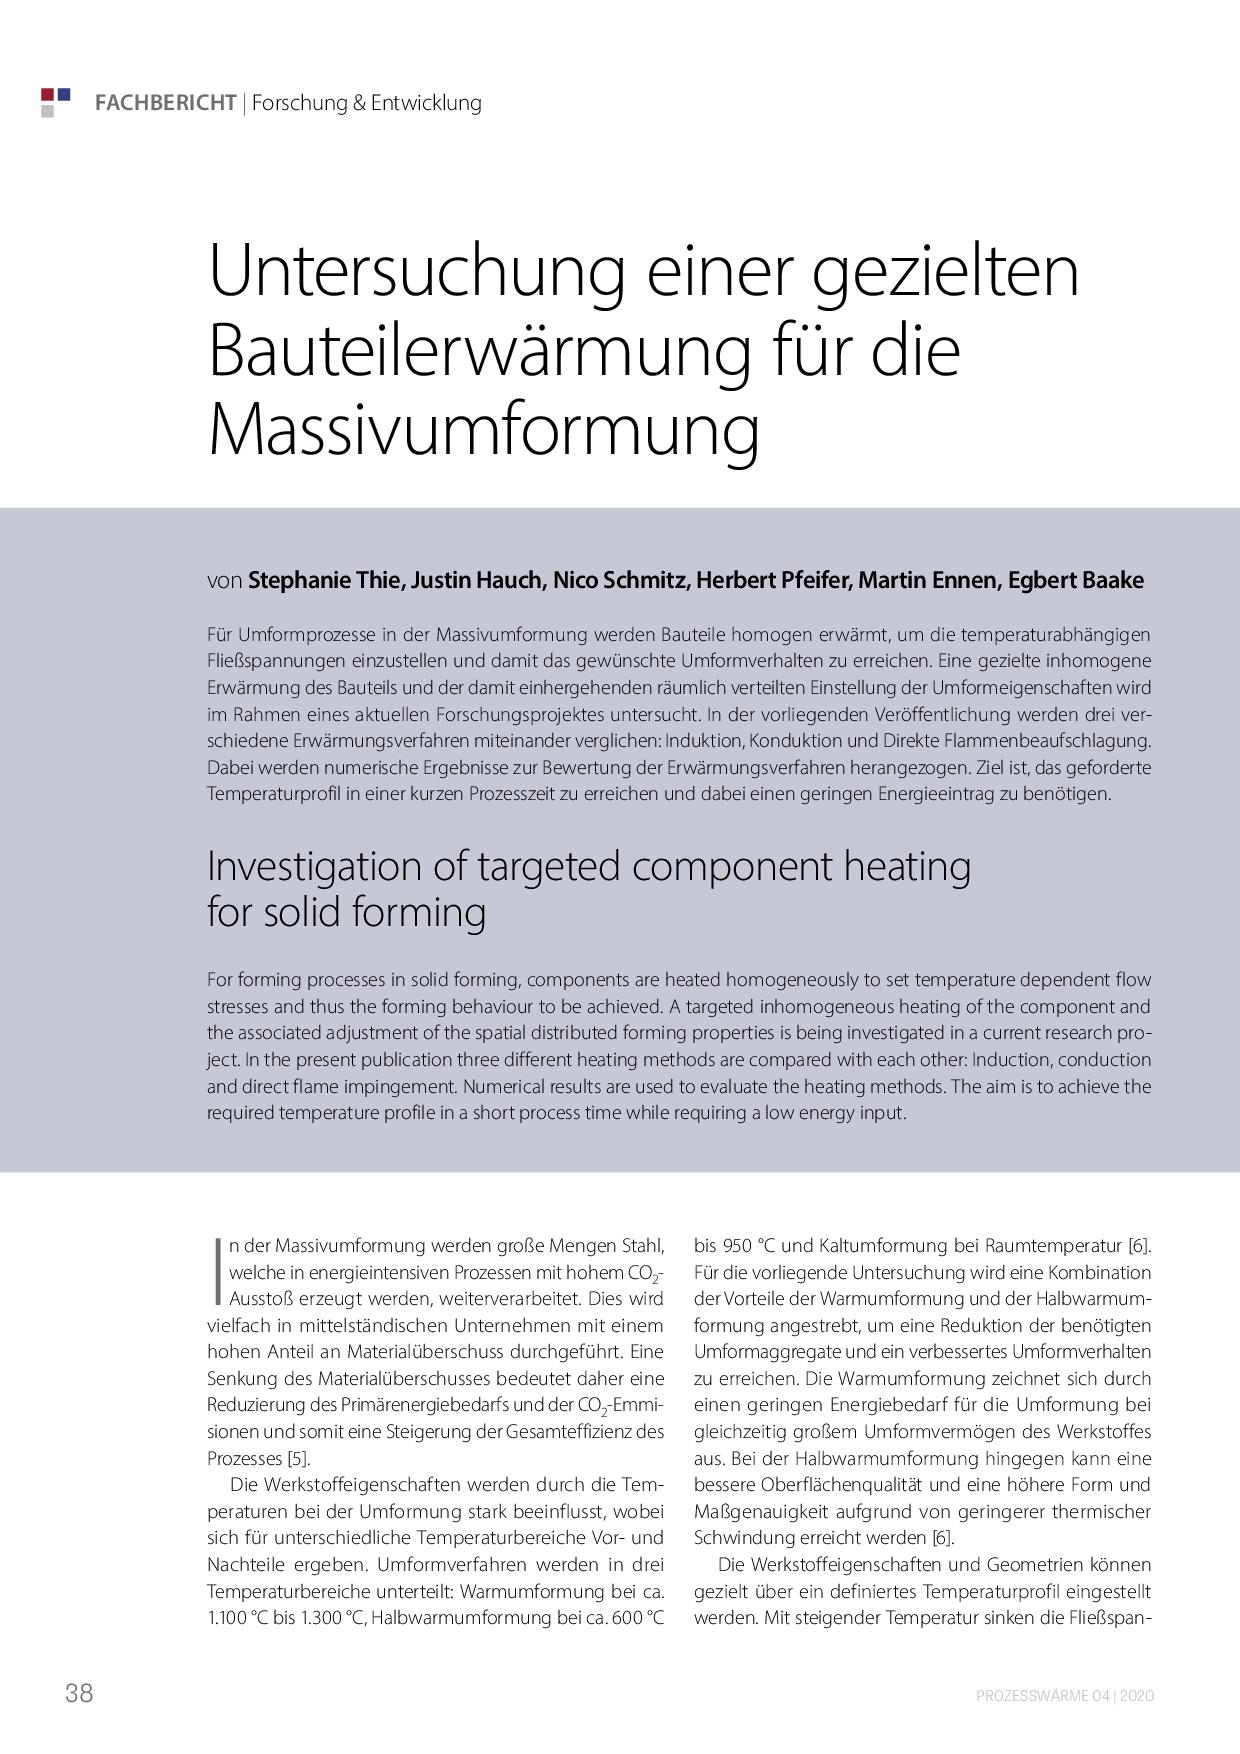 Untersuchung einer gezielten Bauteilerwärmung für die Massivumformung